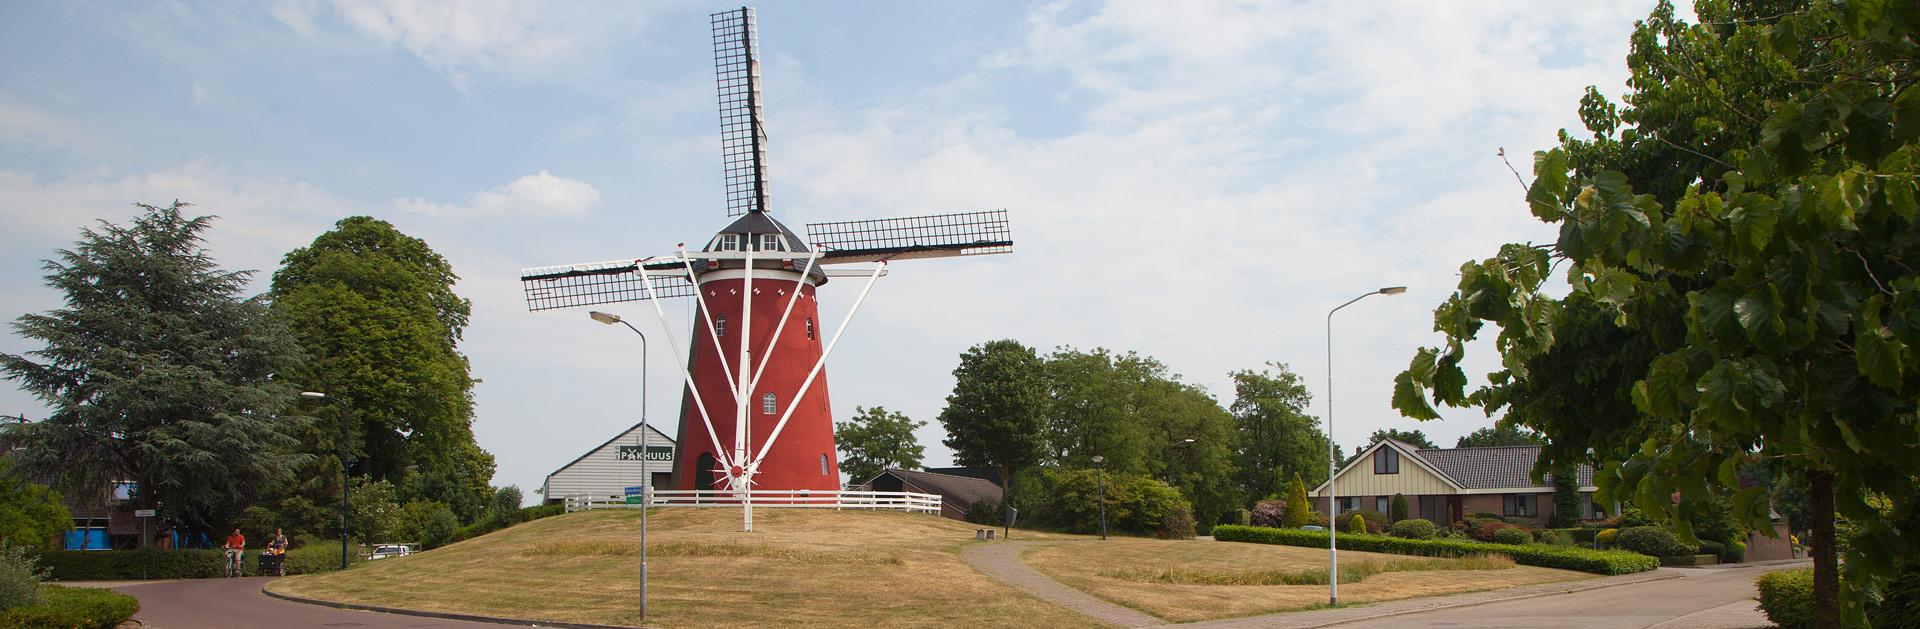 Gerritsens Molen - Silvolde Regio Achterhoek - Liemers